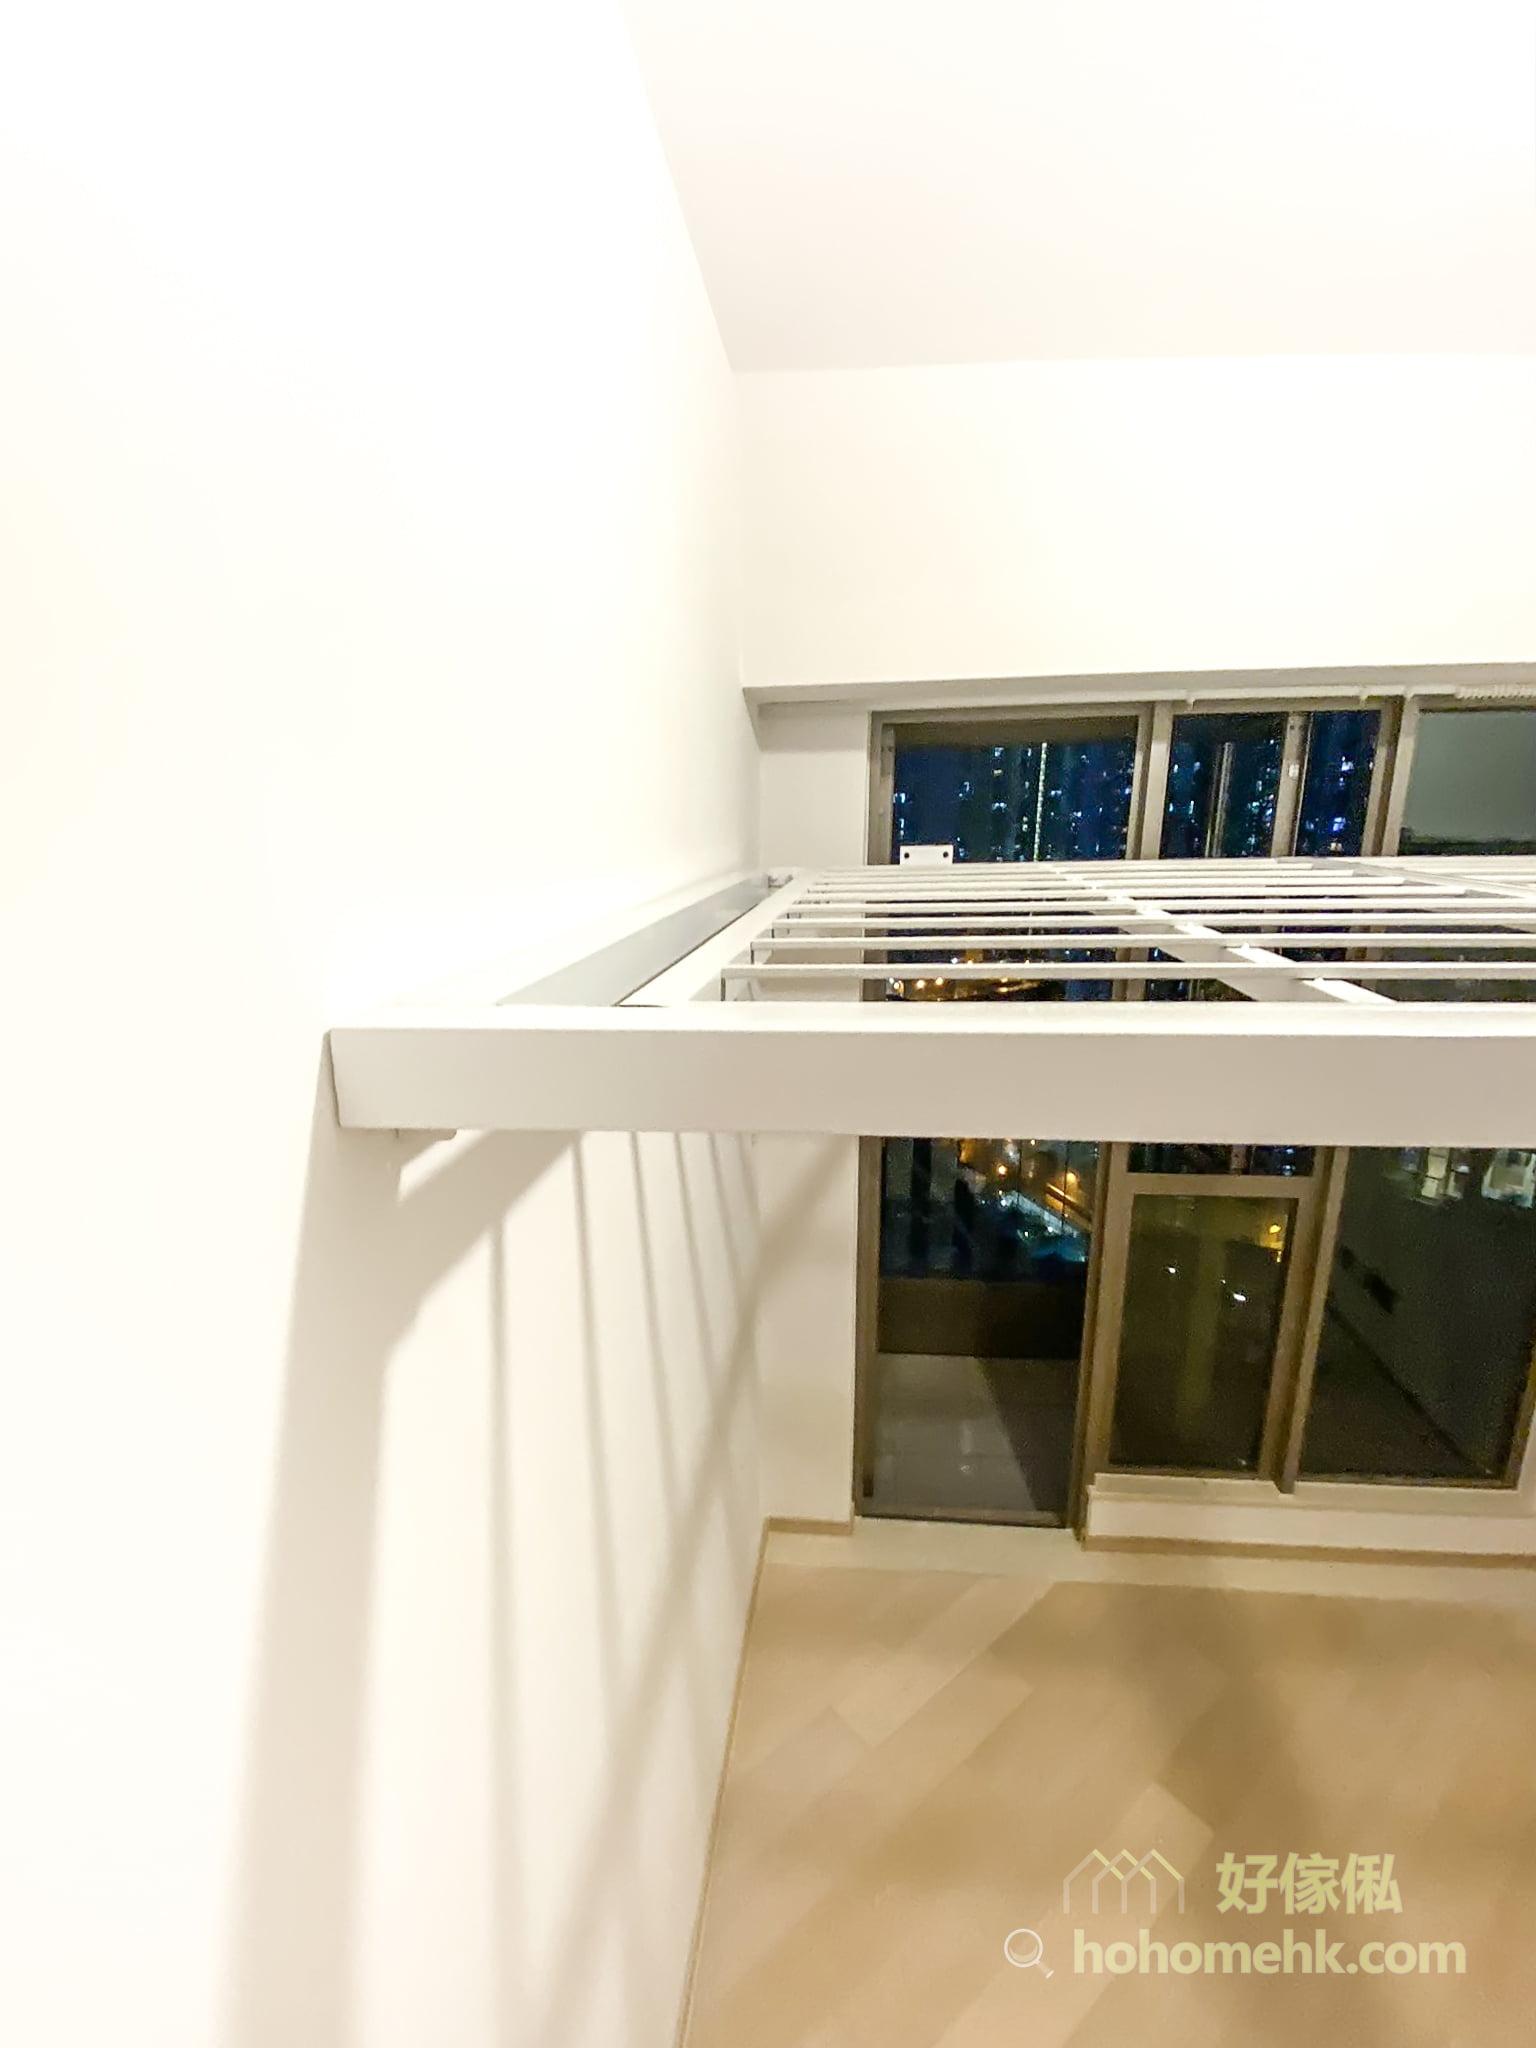 客人可以在淘寶訂閣樓材料及預製鐵架,再找裝修公司幫忙安裝,是最便宜造閣樓的方法